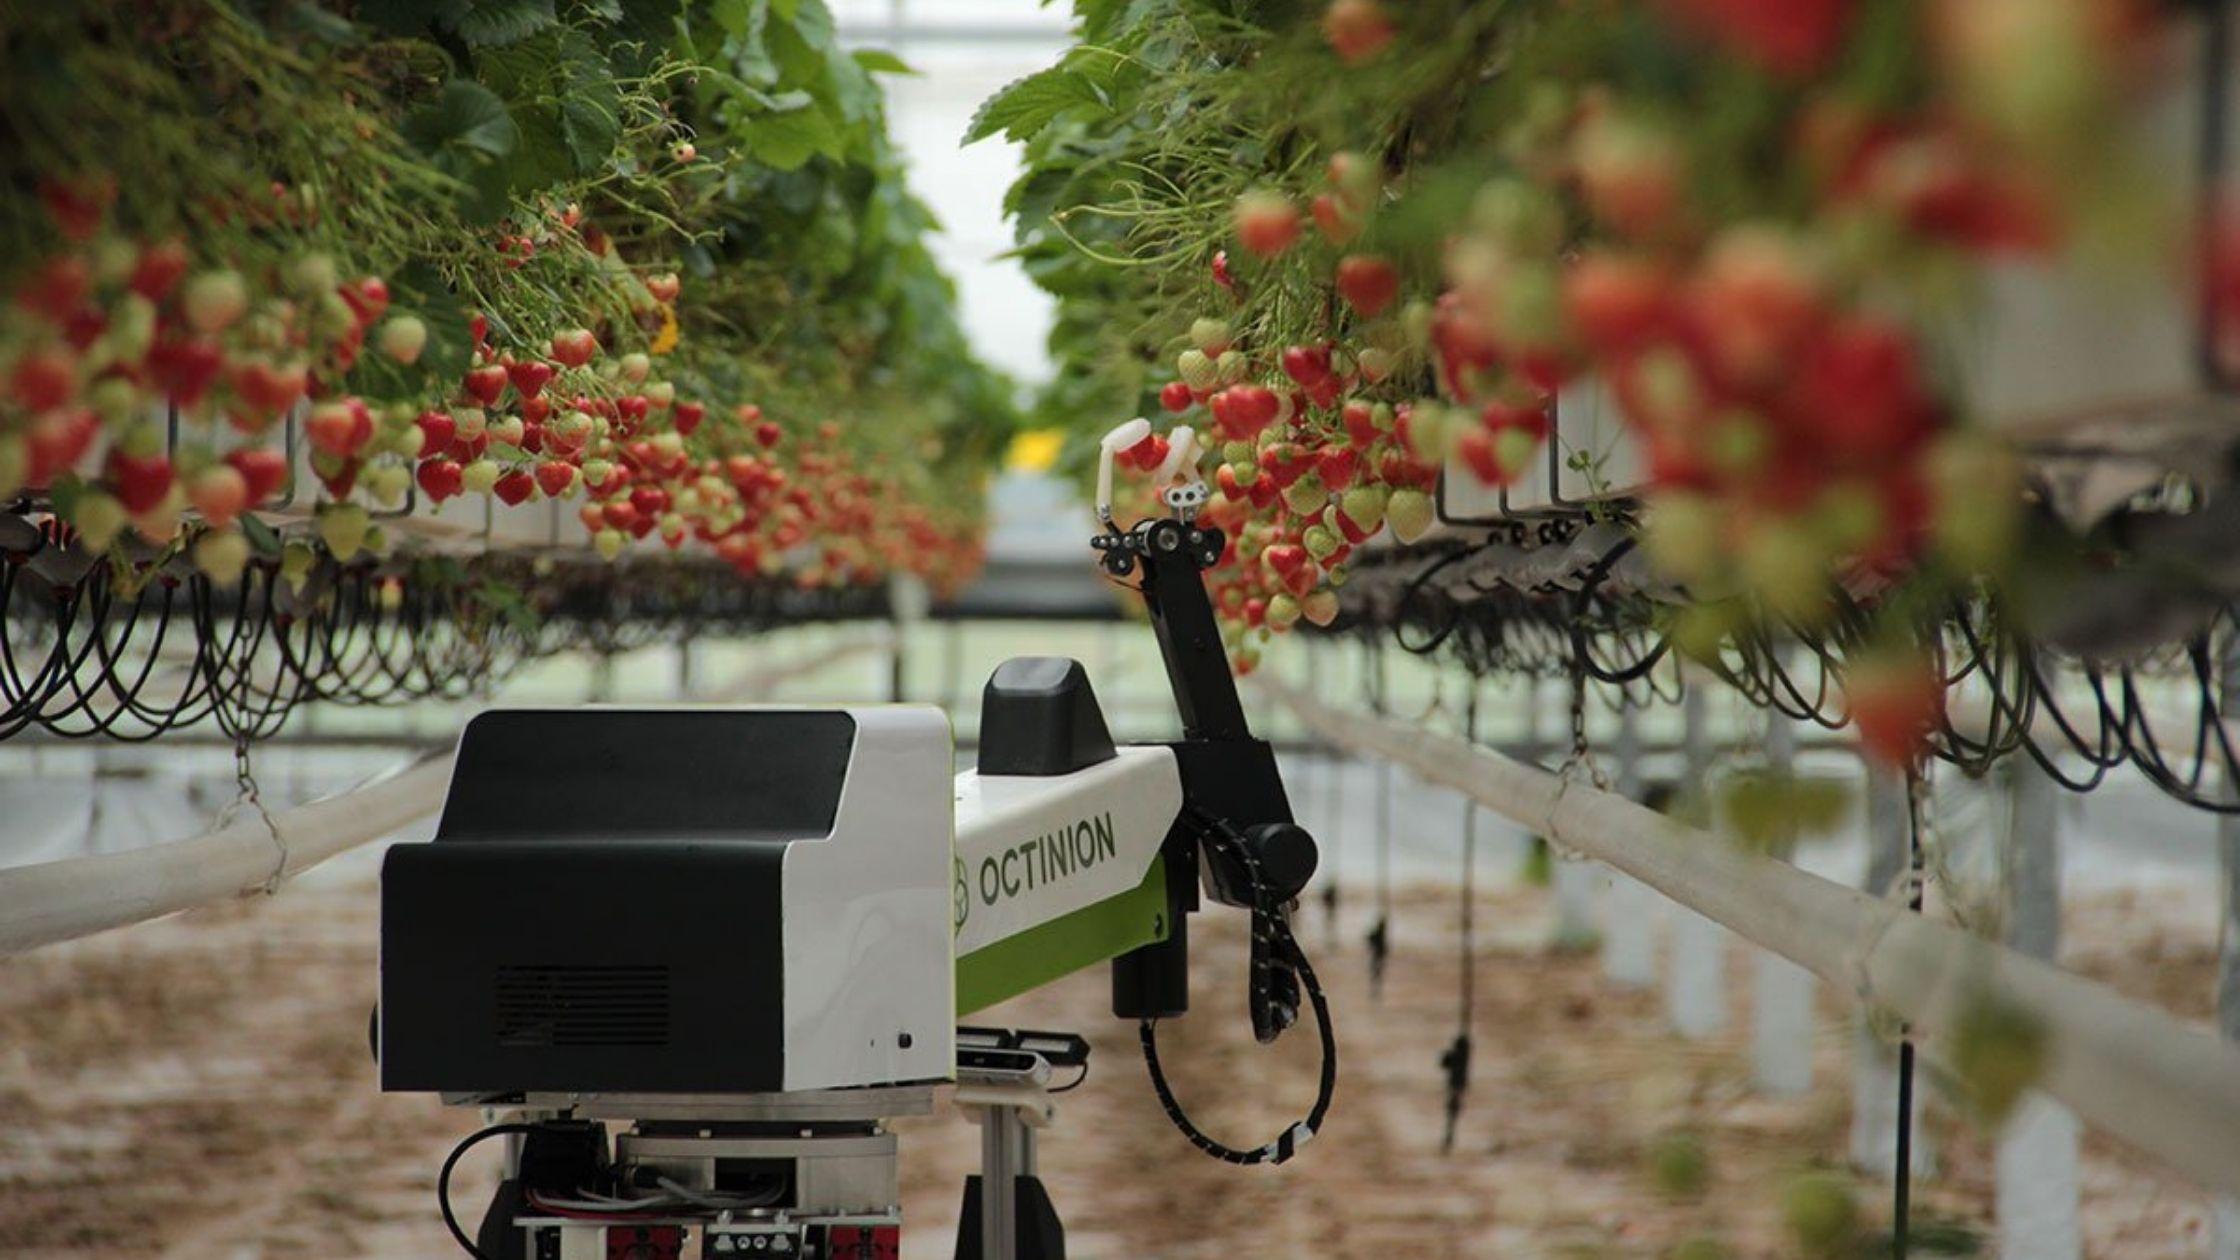 Octinion presenta Rubion: il primo robot programmato per la raccolta delle fragole